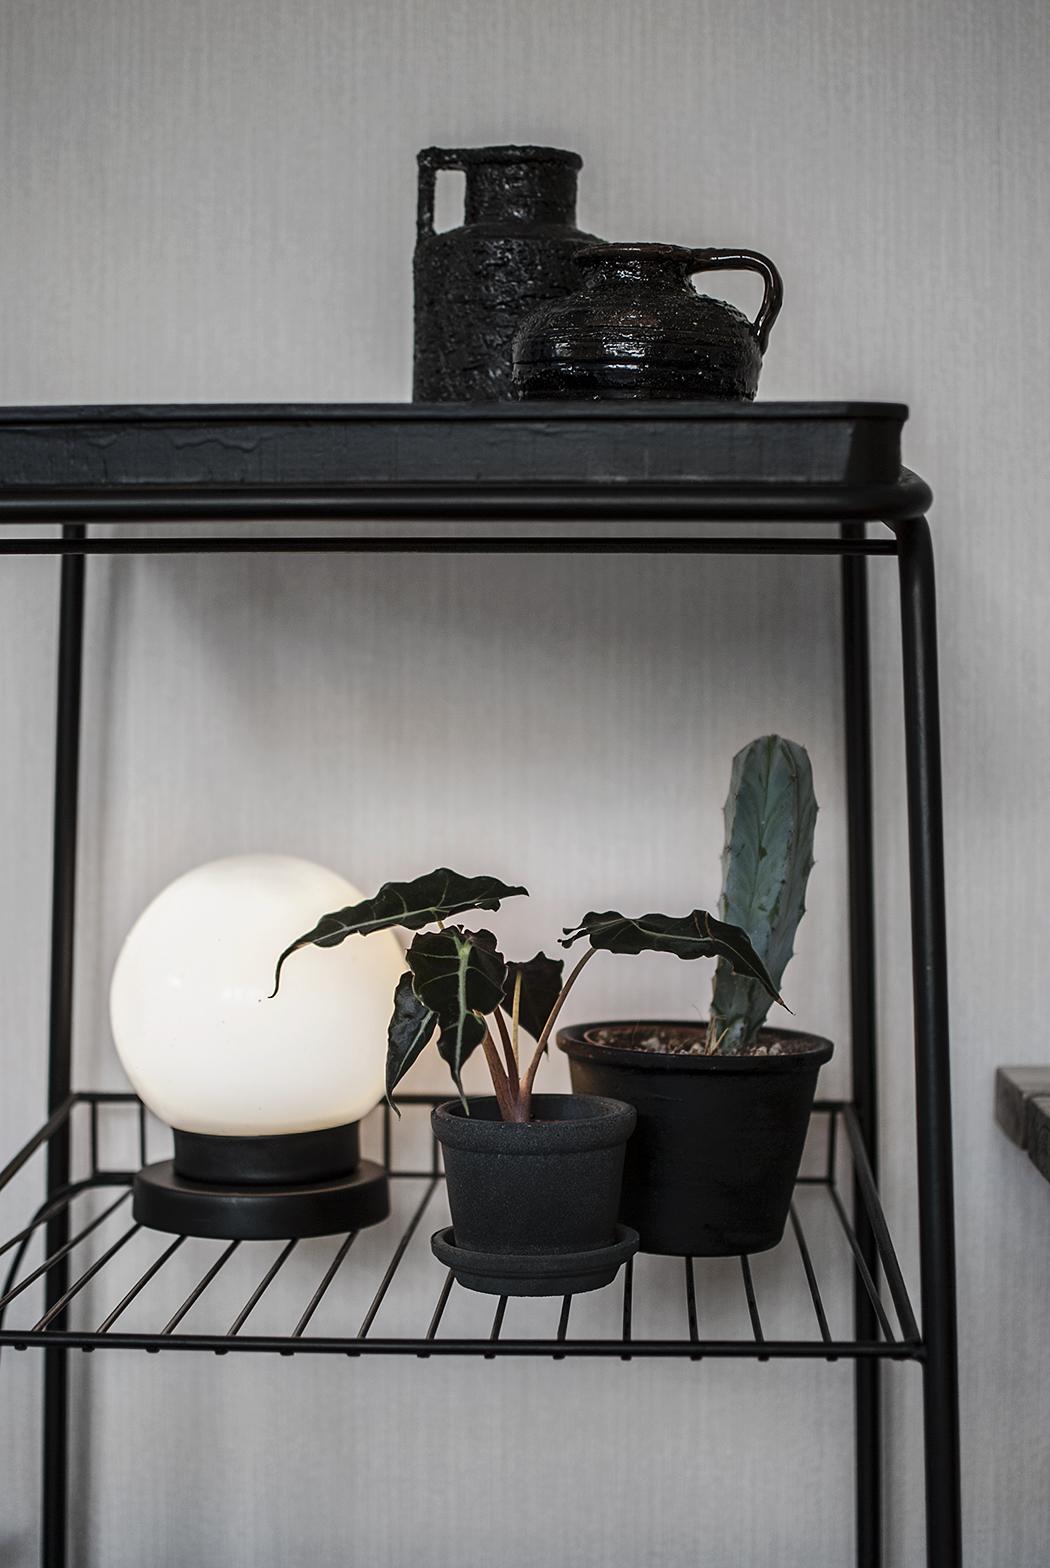 Favorit i repris: lampa i återbrukat material